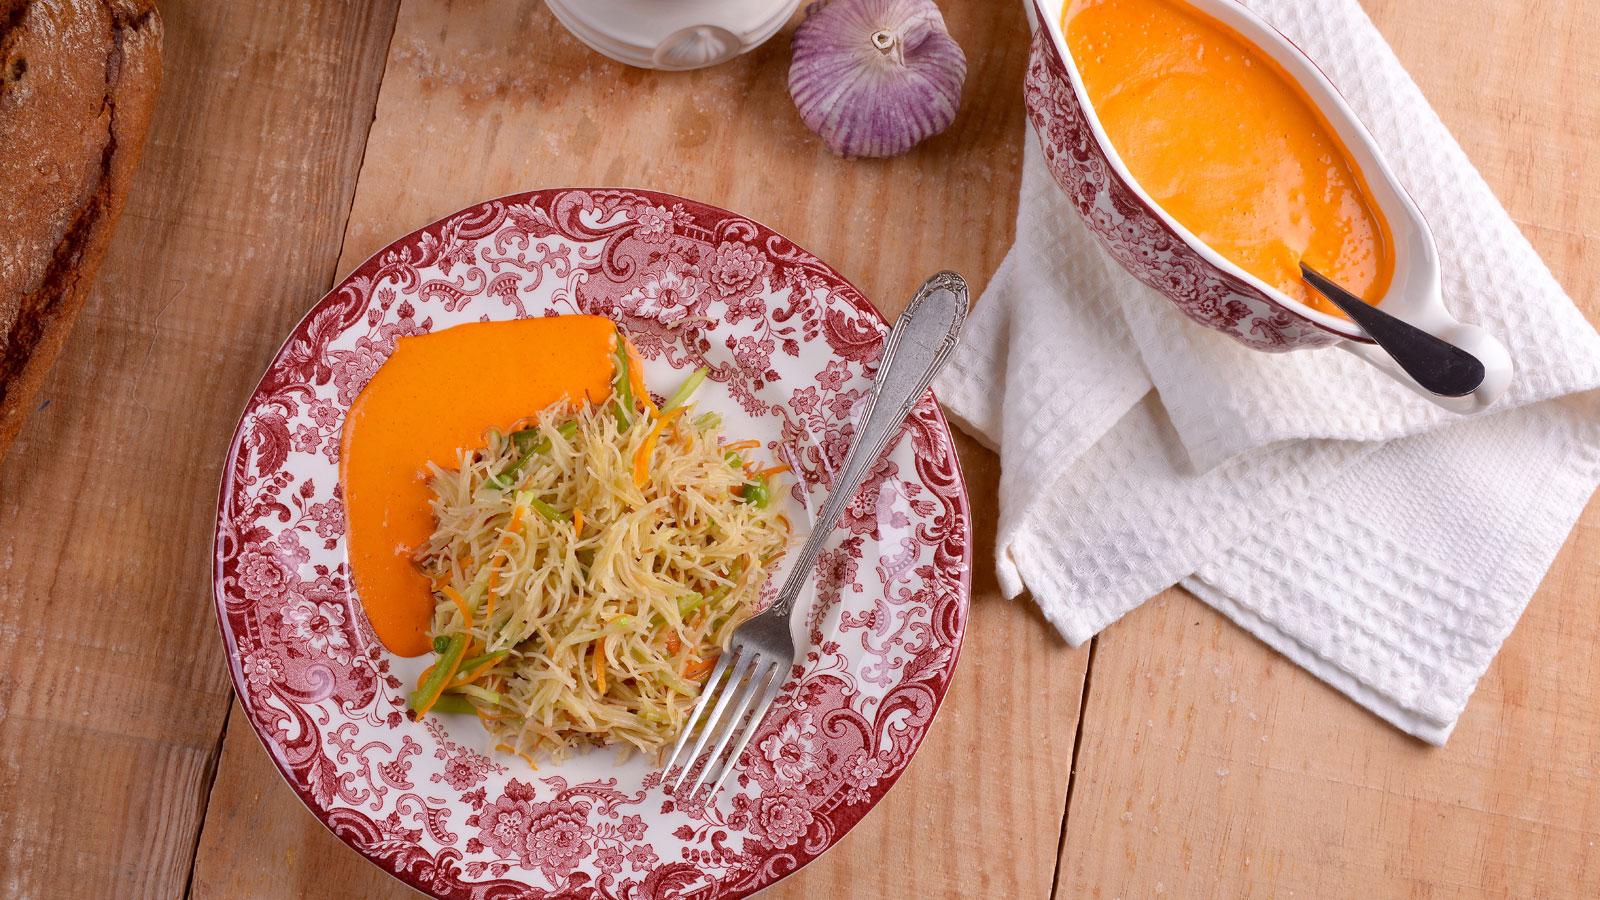 fideu vegetal con salsa de piquillo elena aymerich